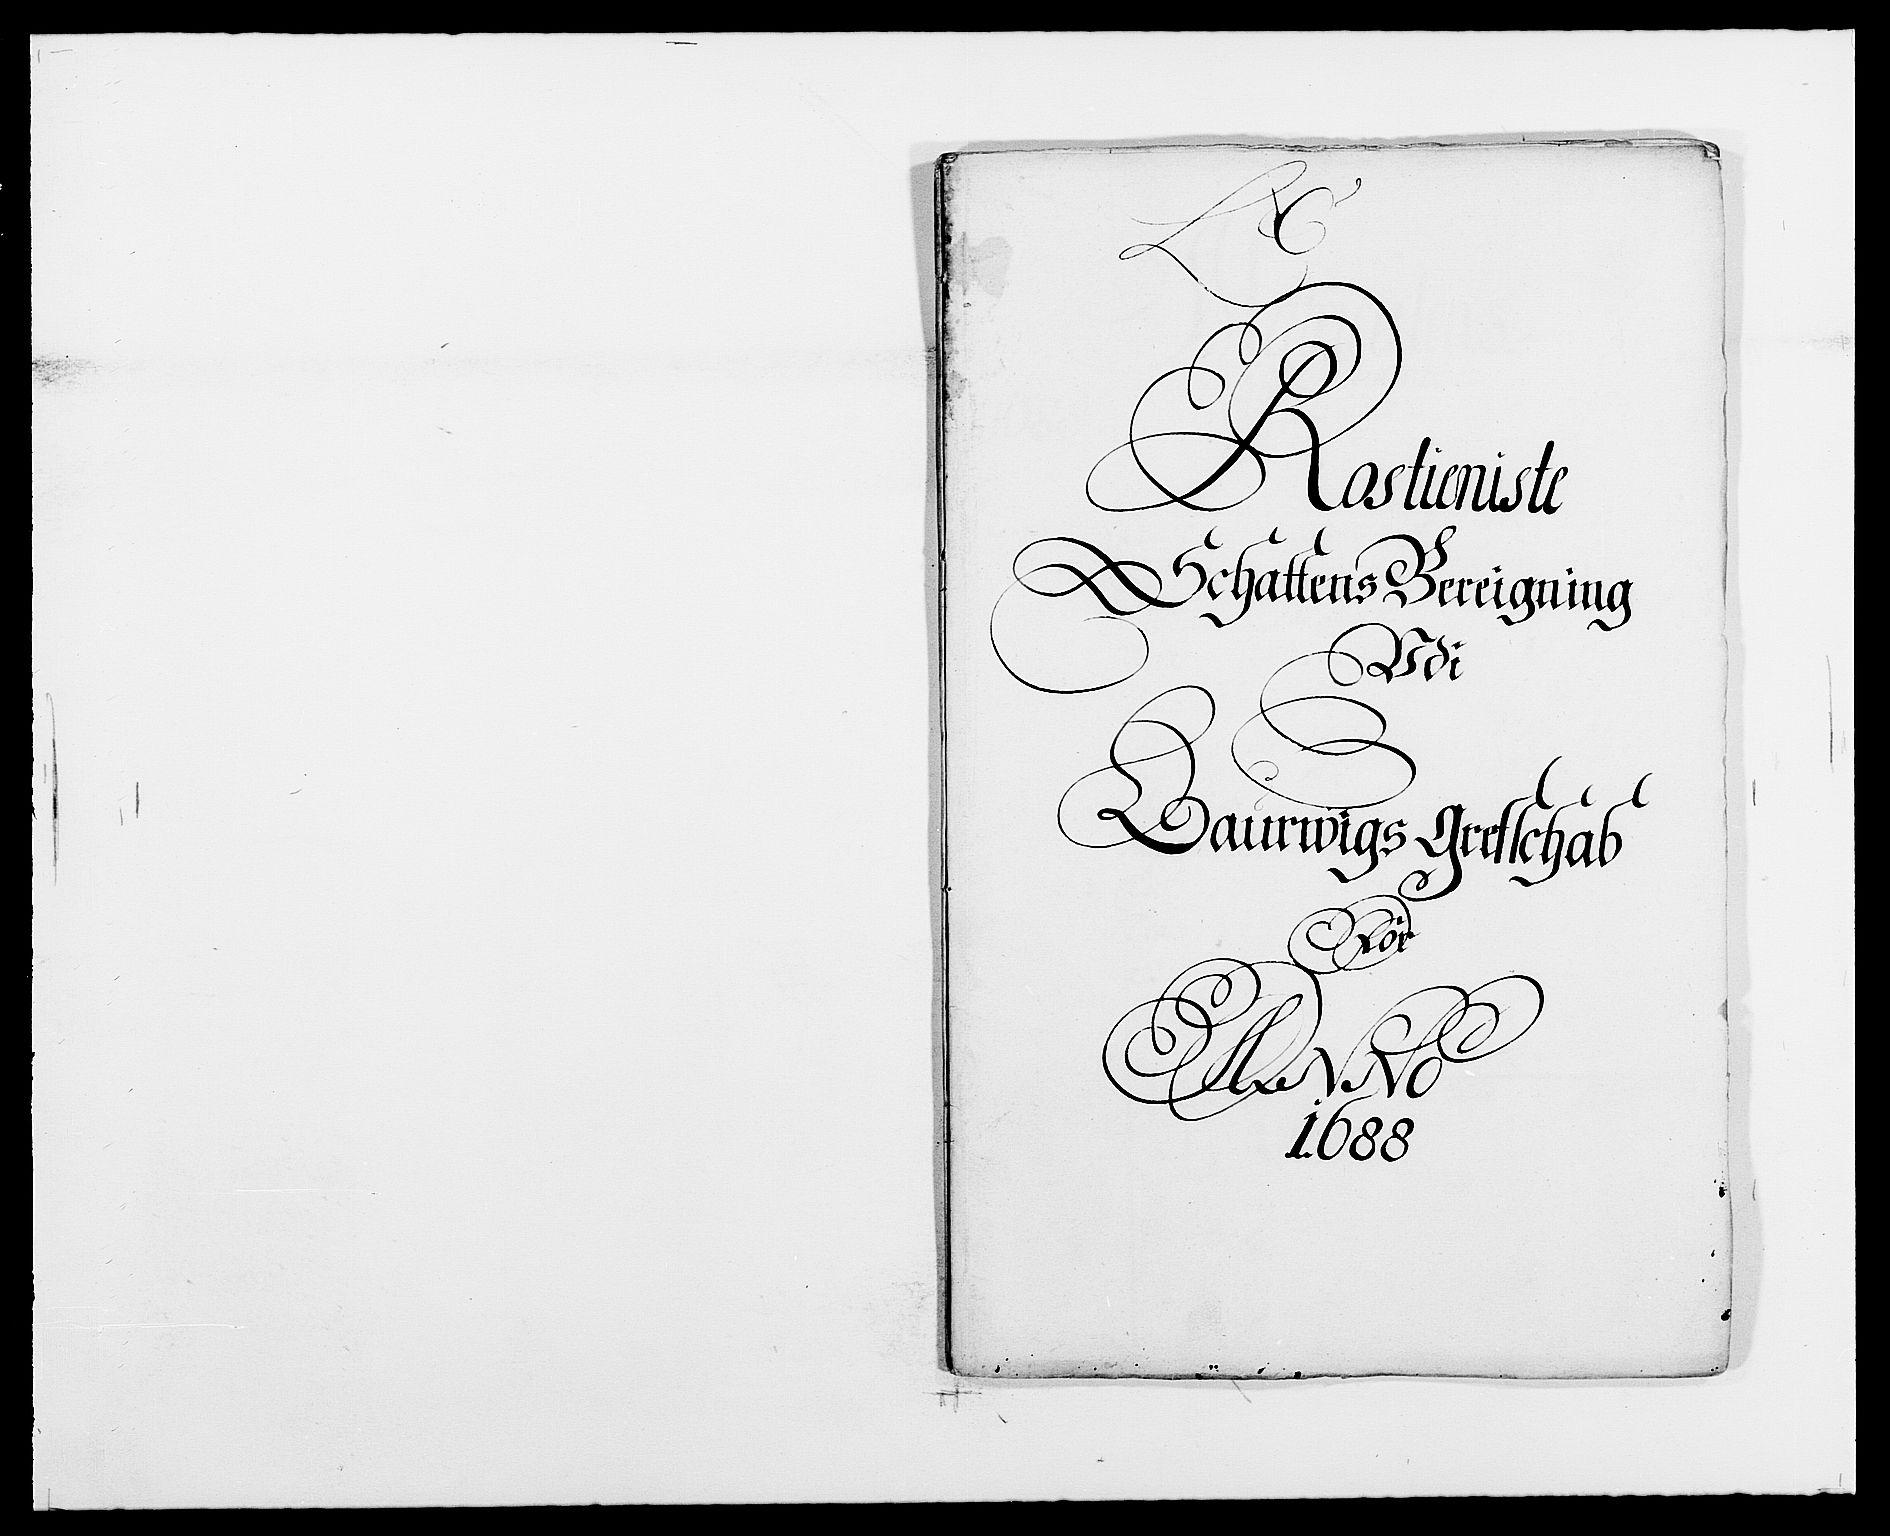 RA, Rentekammeret inntil 1814, Reviderte regnskaper, Fogderegnskap, R33/L1971: Fogderegnskap Larvik grevskap, 1688-1689, s. 71